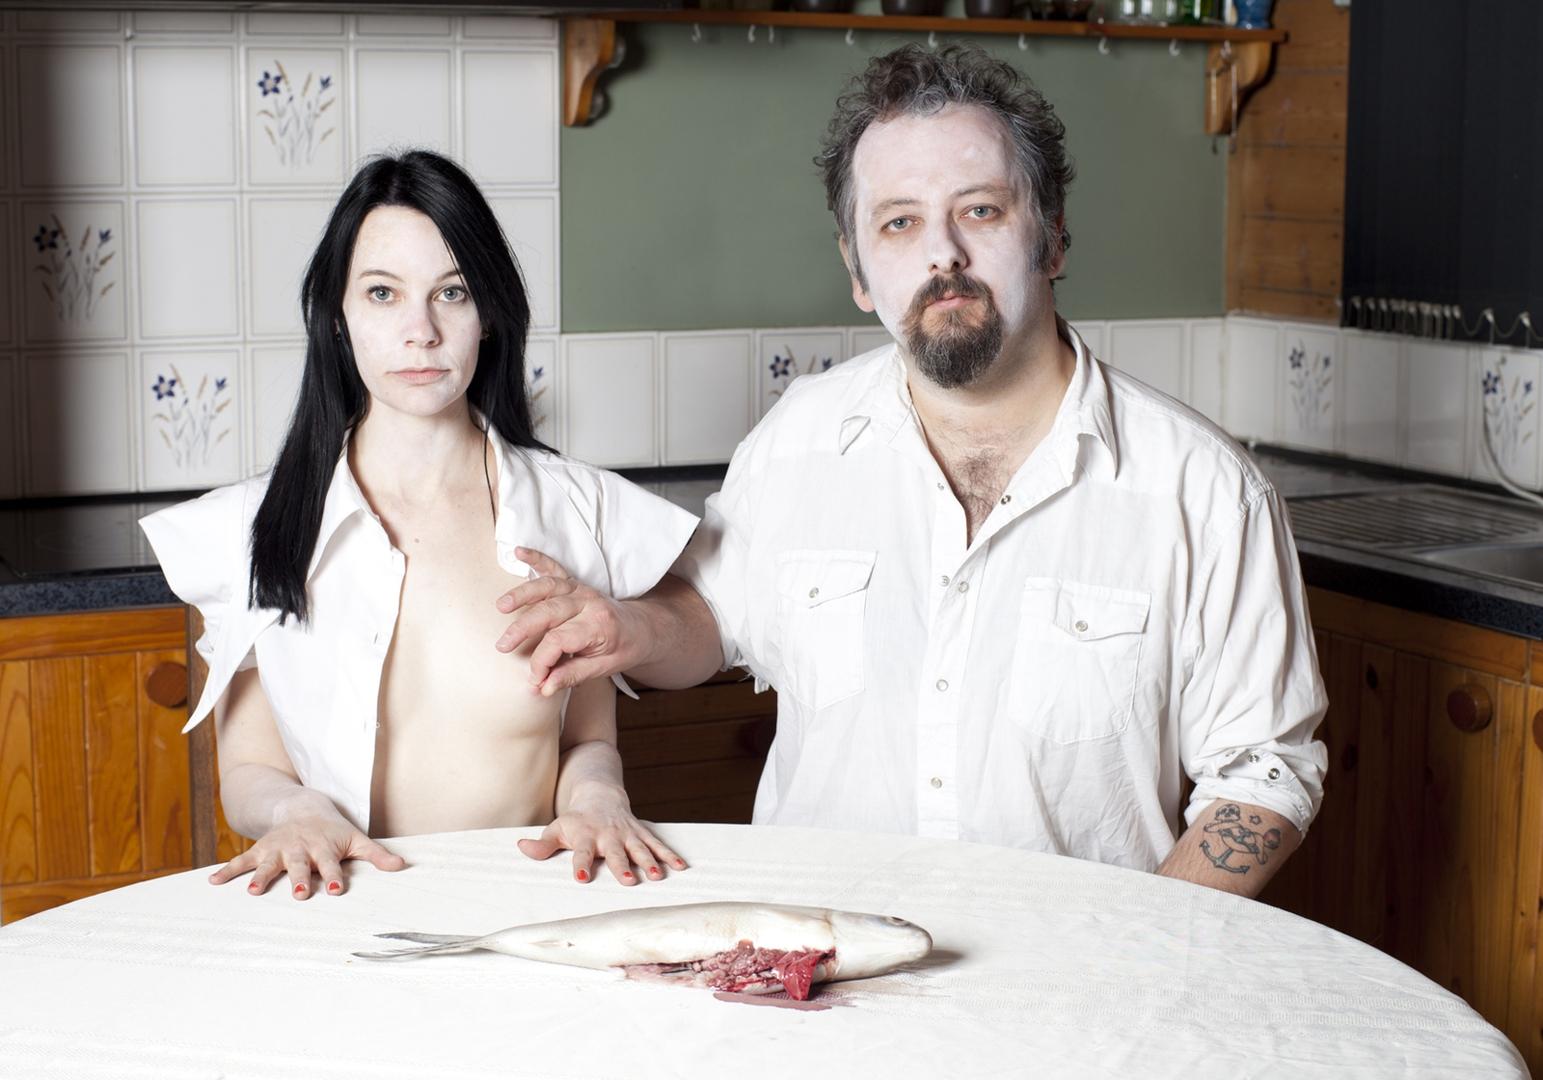 Linsey Gosper and Jack Sargeant image